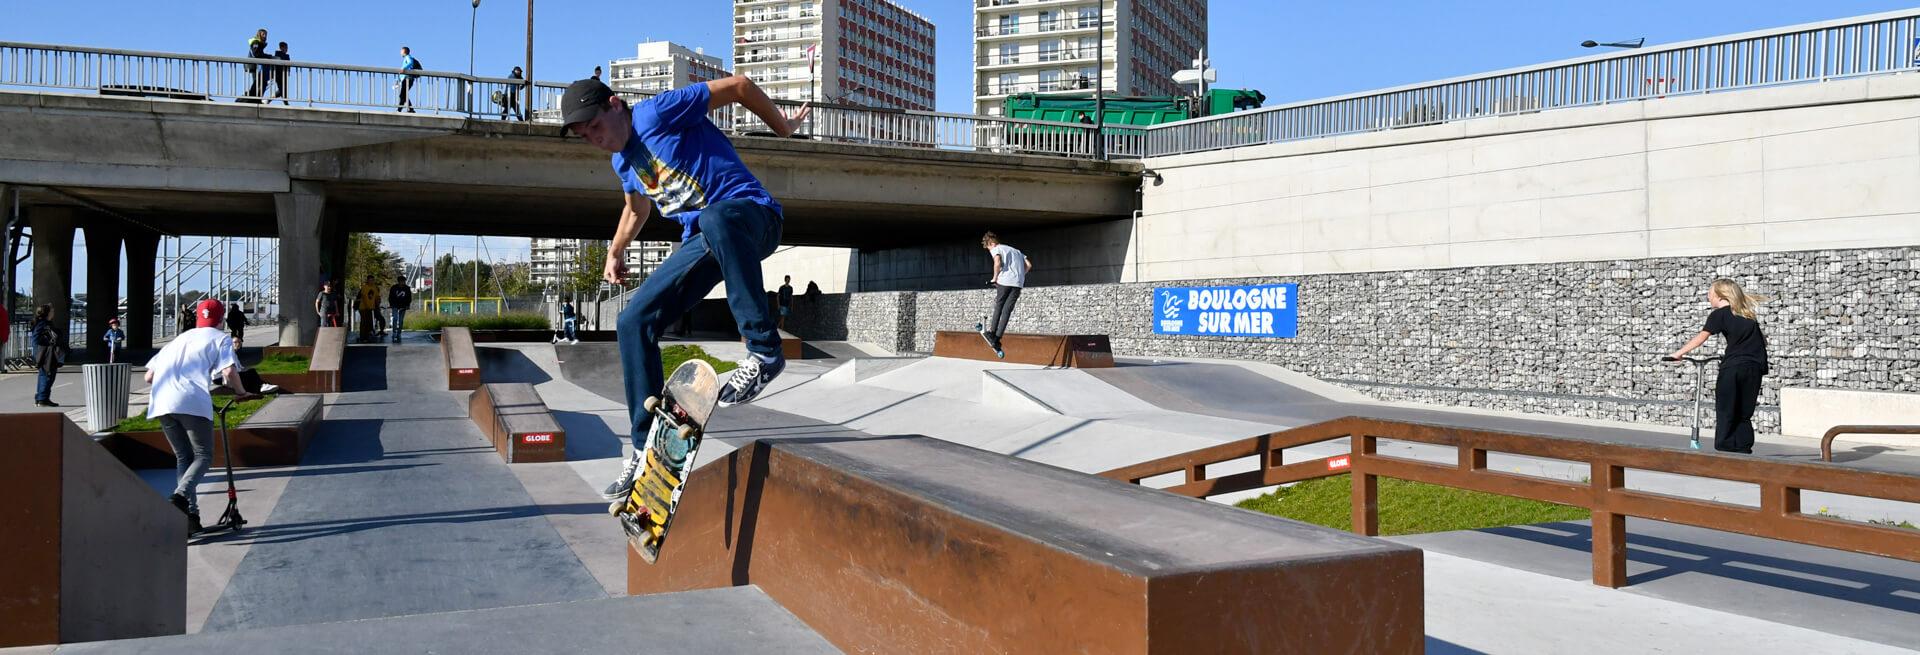 Skate park - Piscine boulogne sur mer ...